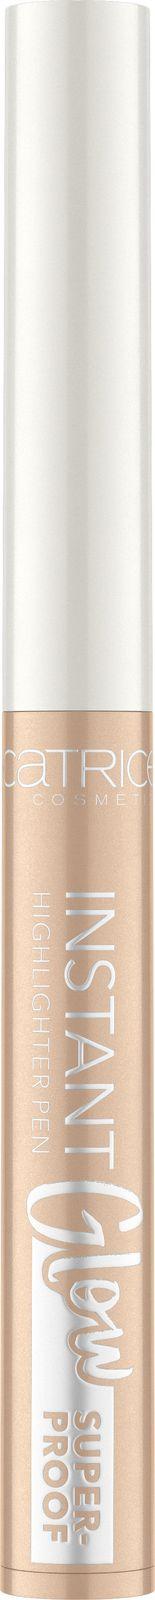 Хайлайтер Catrice Instant Glow, 20 Bronzed Delight